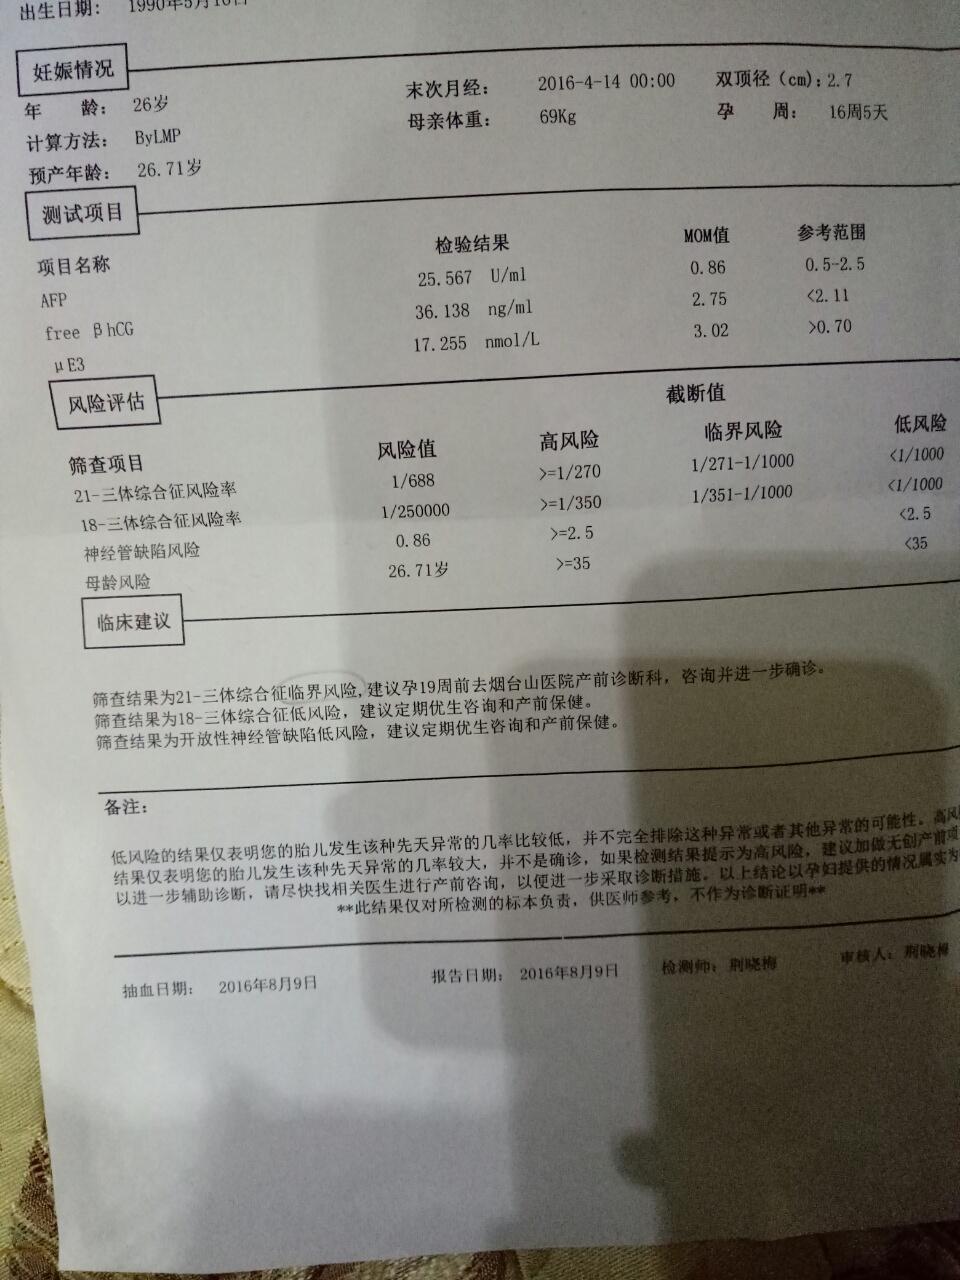 唐氏筛�Lzhny�+K�K��_唐氏筛查报告测试项目第二项大于2.11,我的是2.